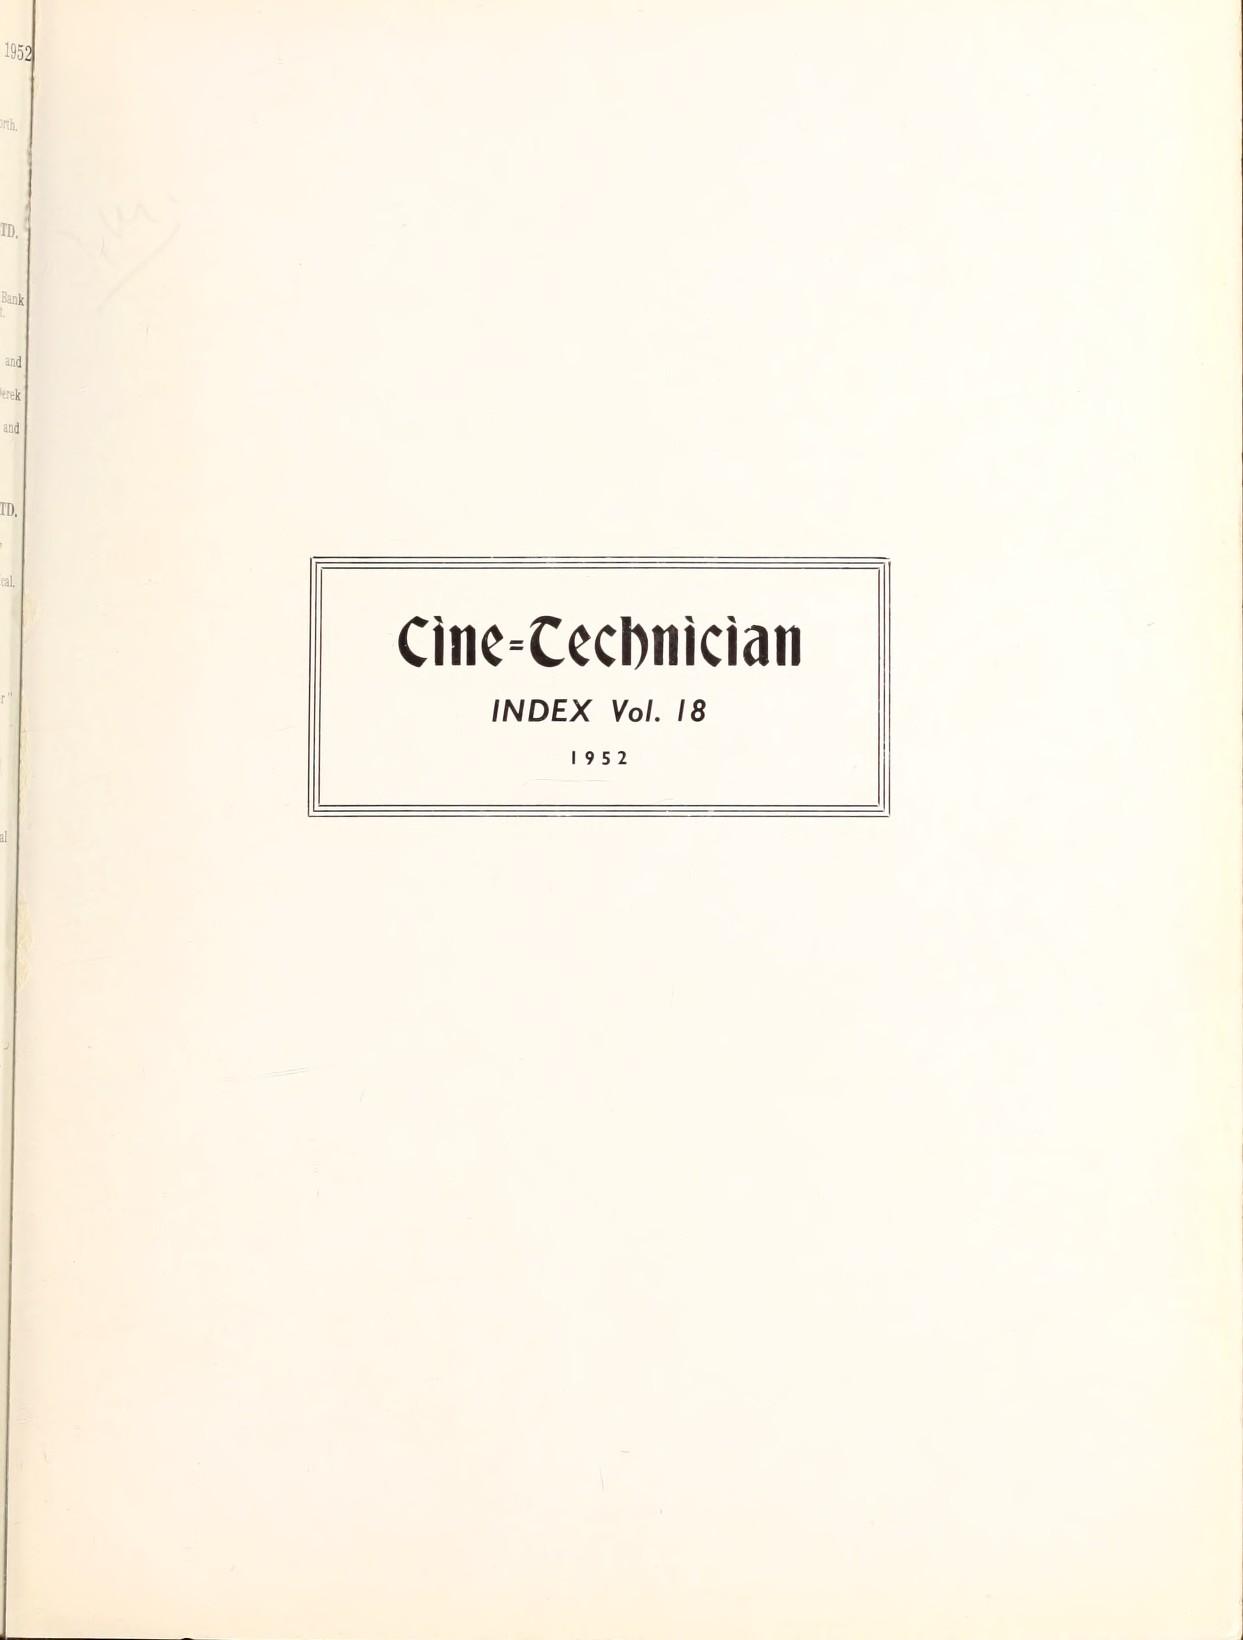 Cinetechnician00asso_jp2.zip&file=cinetechnician00asso_jp2%2fcinetechnician00asso_0063